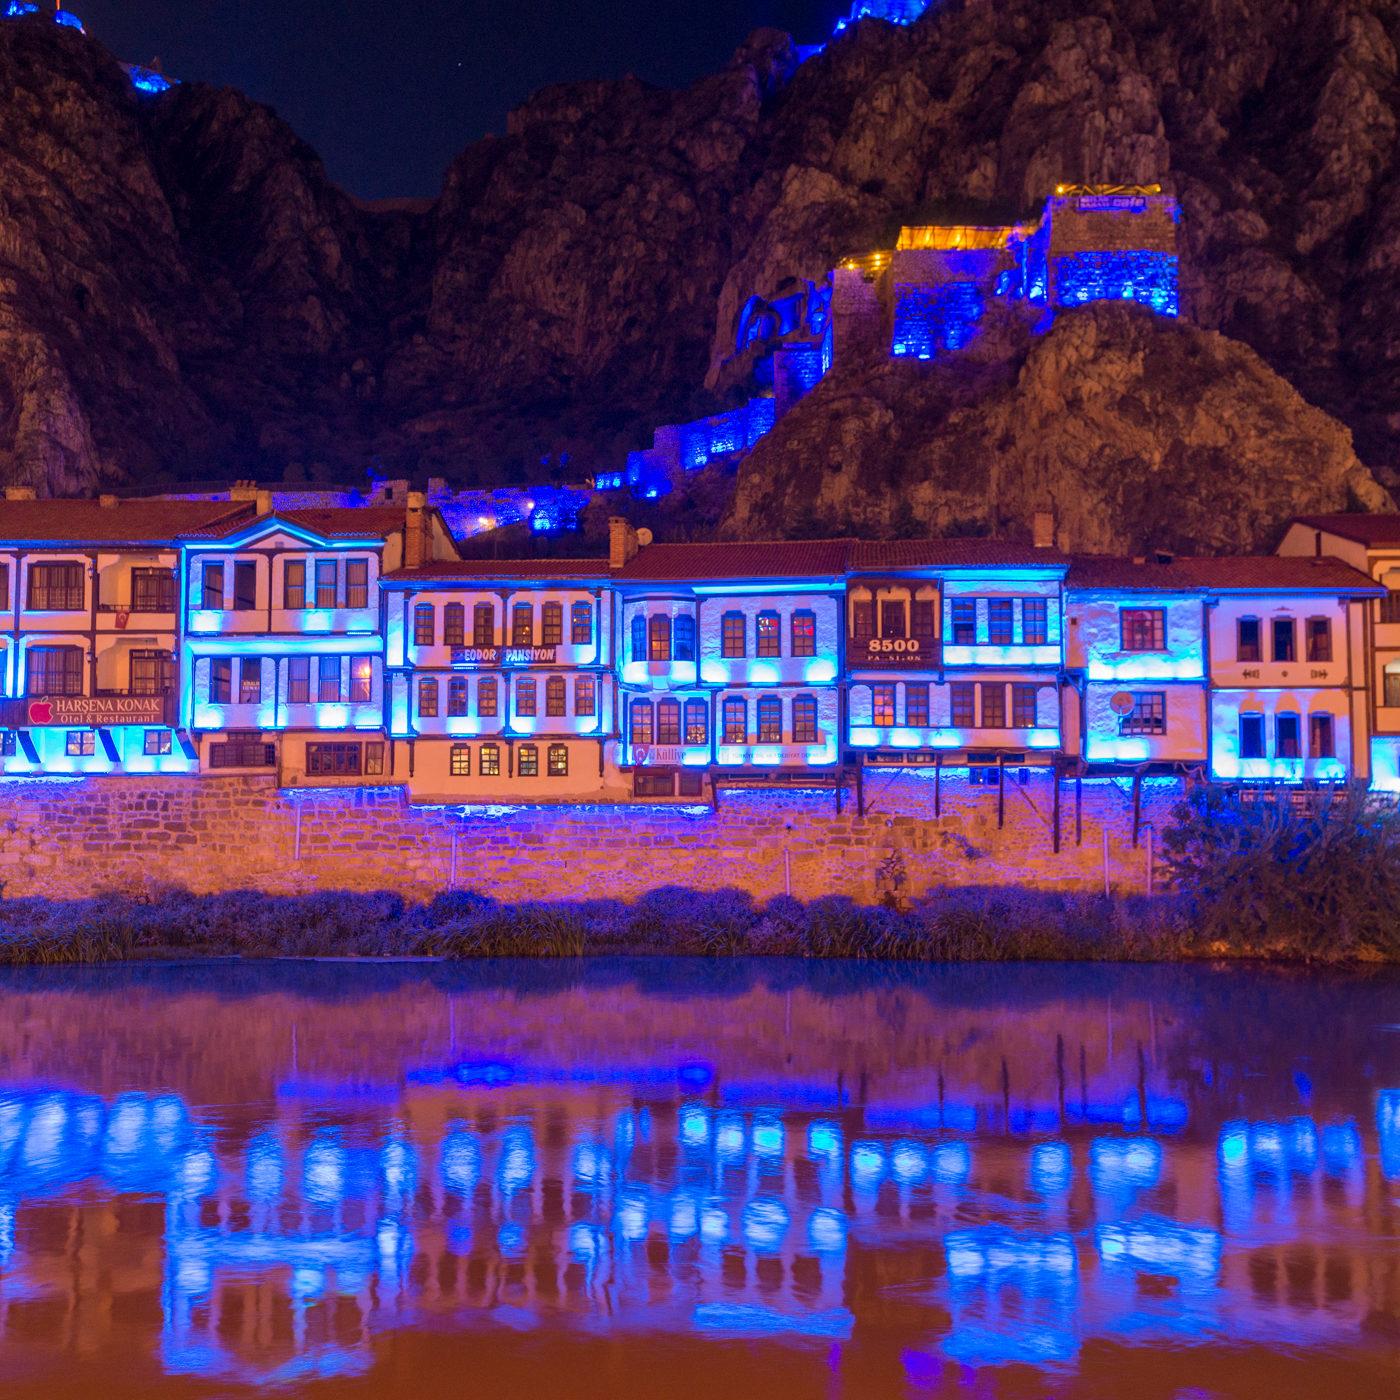 AMASYA / アマスヤの町は切り立った崖に挟まれ、町の中央を小さな川が流れる。日暮れになると旧市街は電飾され、日中と異なる姿を見せる。青色のイルミネーション。